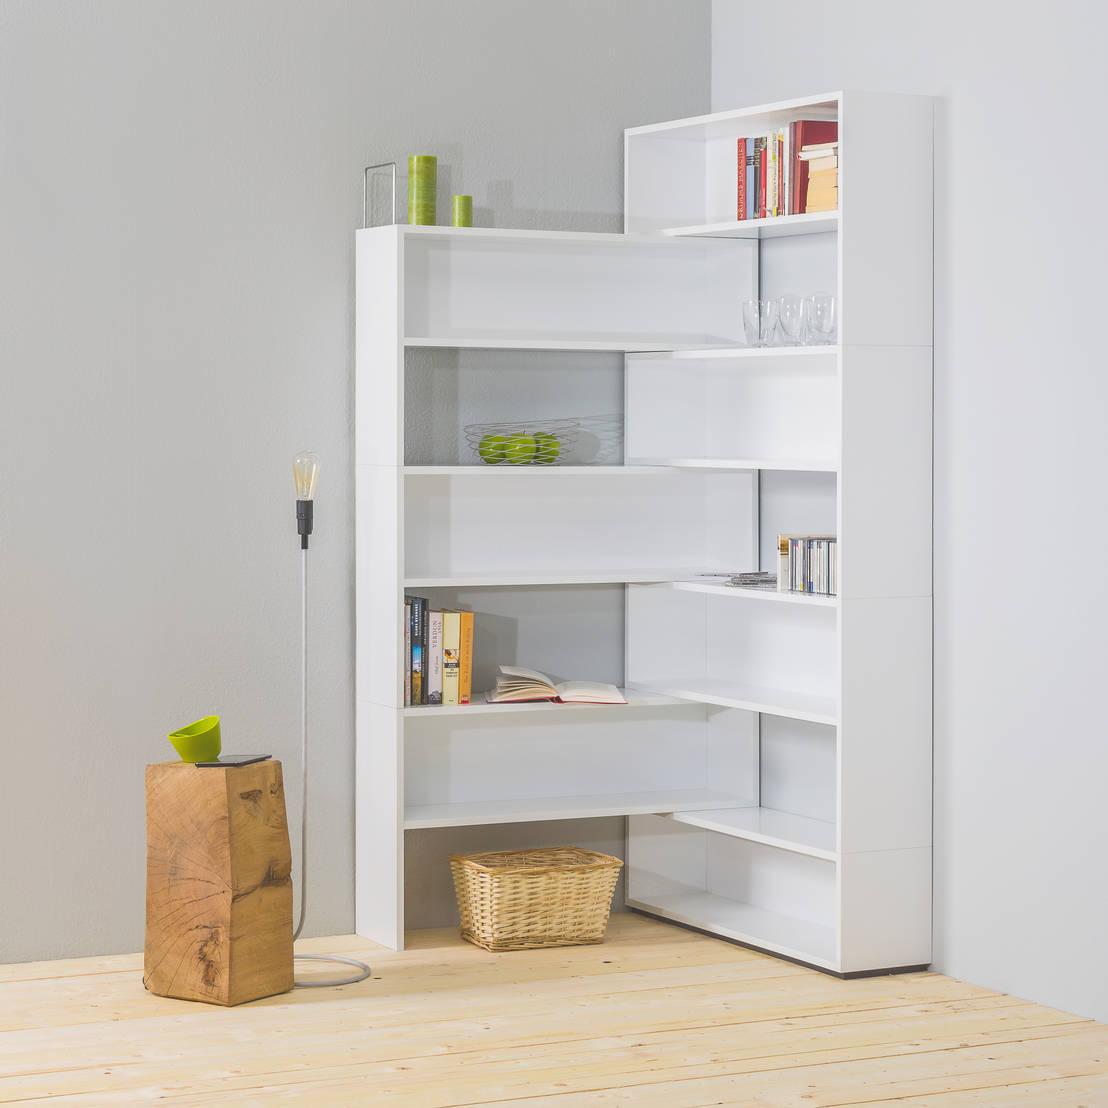 eckhardt das flexible eckregal von noook homify. Black Bedroom Furniture Sets. Home Design Ideas